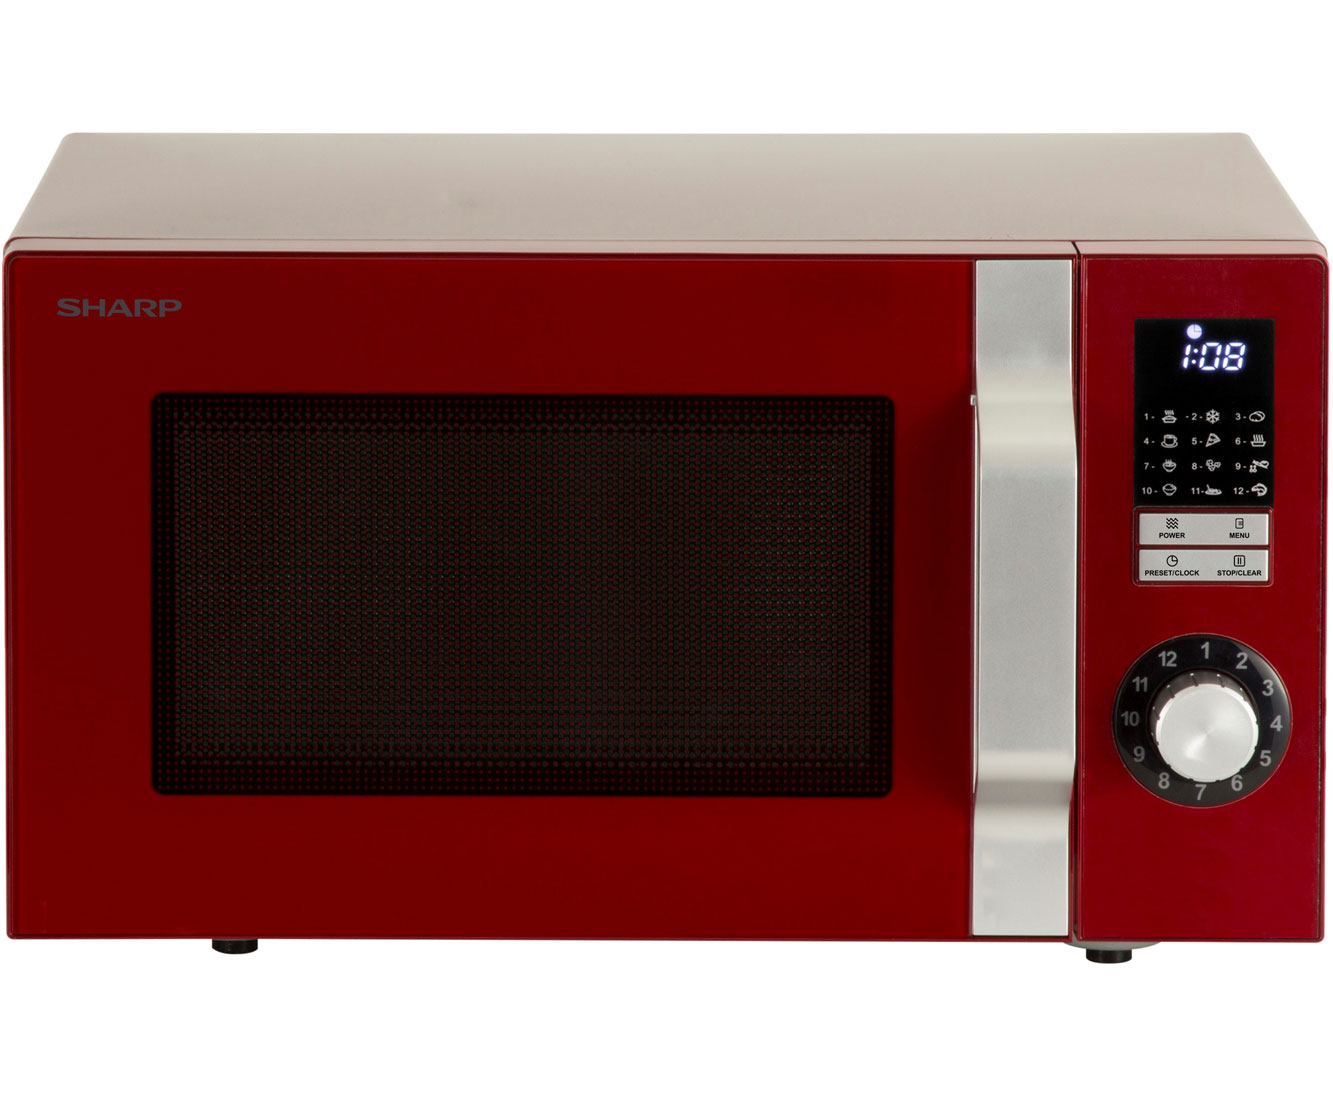 Sharp Vestel R344RD Mikrowellen - Rot | Küche und Esszimmer > Küchenelektrogeräte > Mikrowellen | Rot | Sharp Vestel